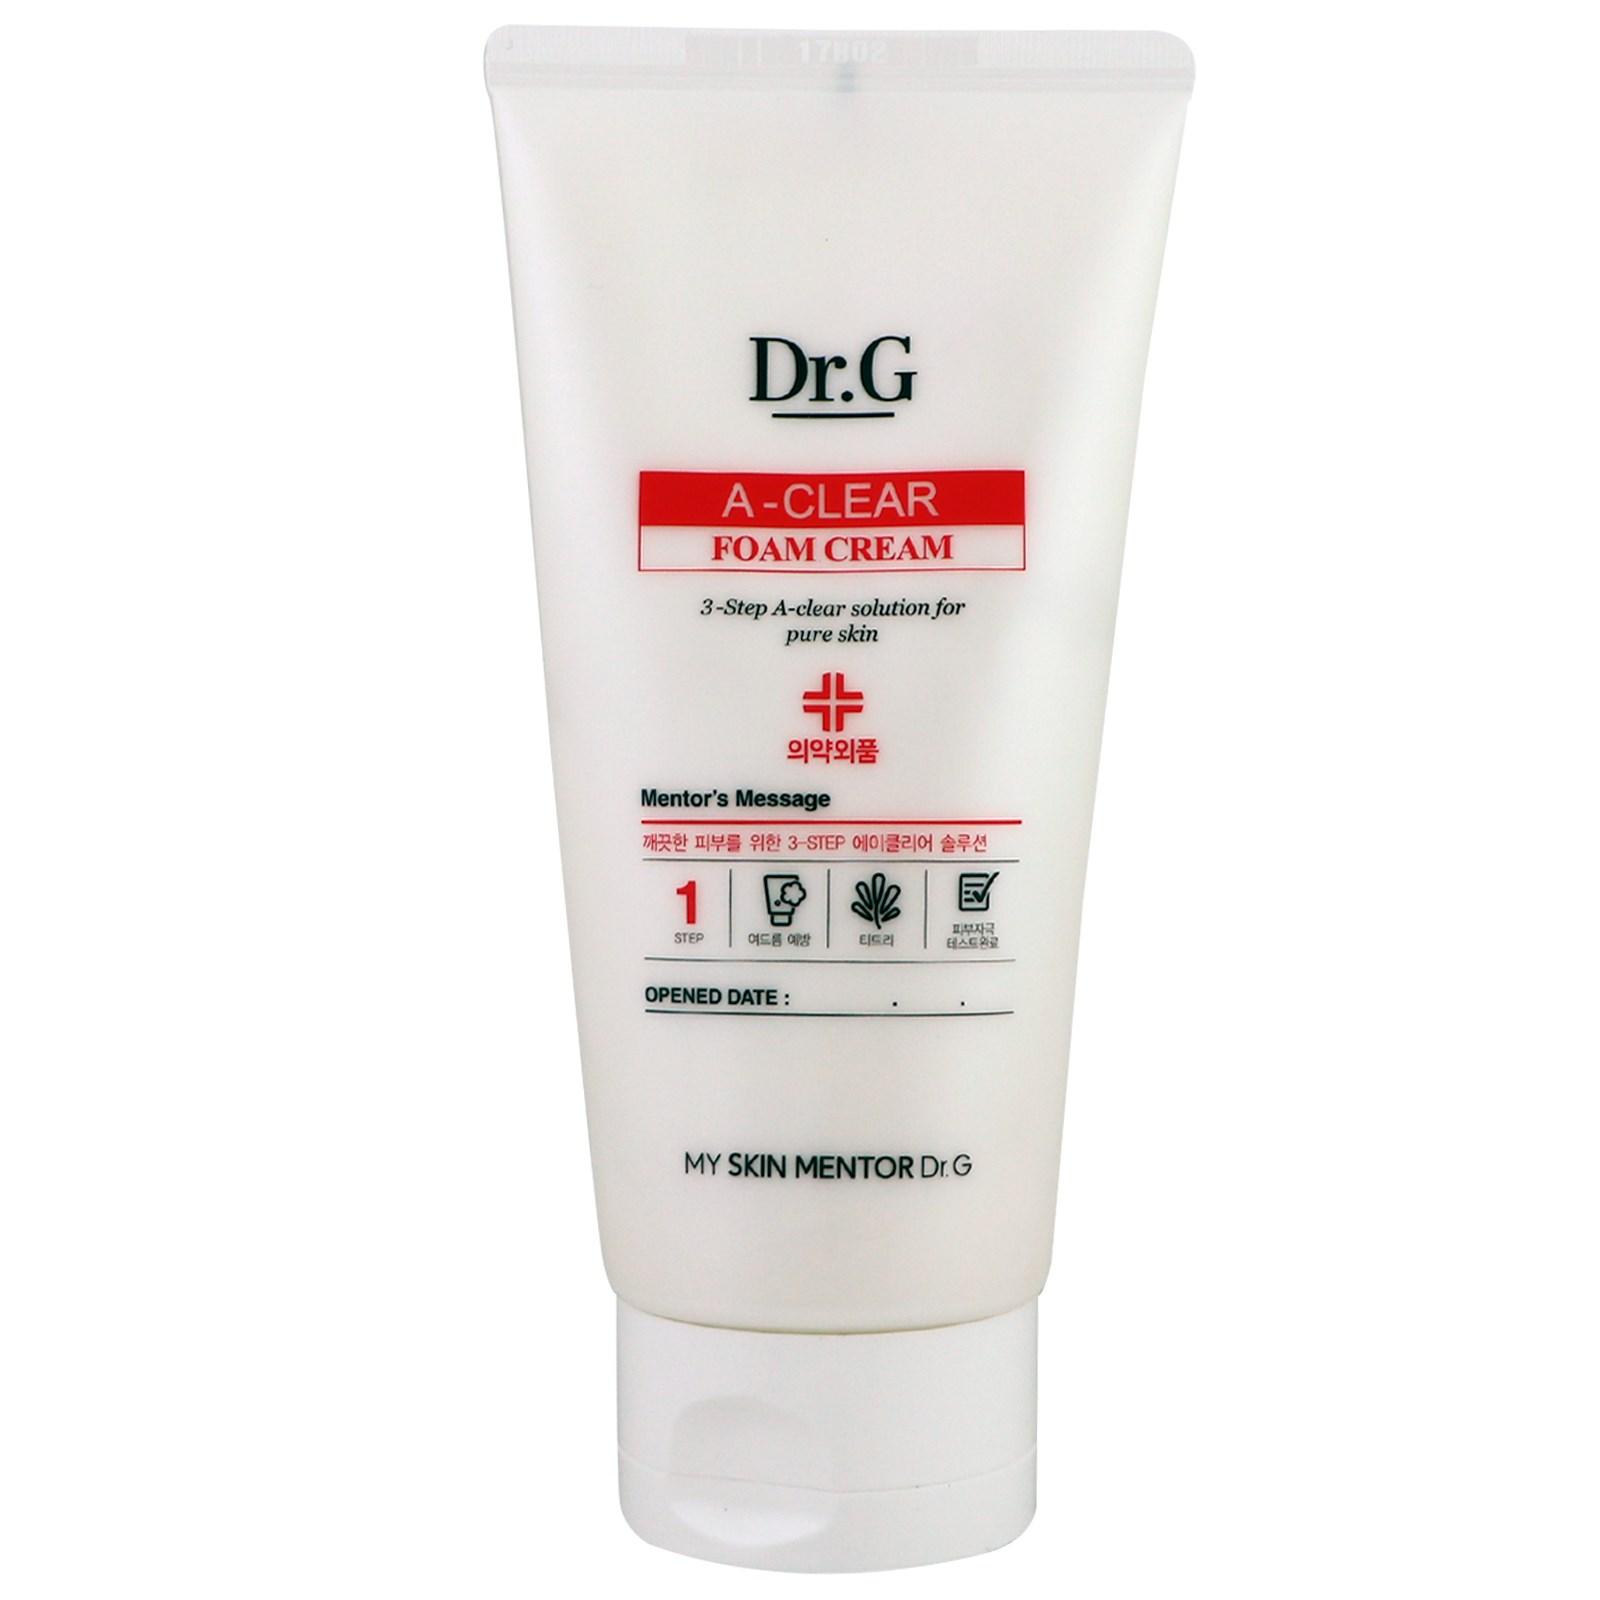 dr oz face cream reviews